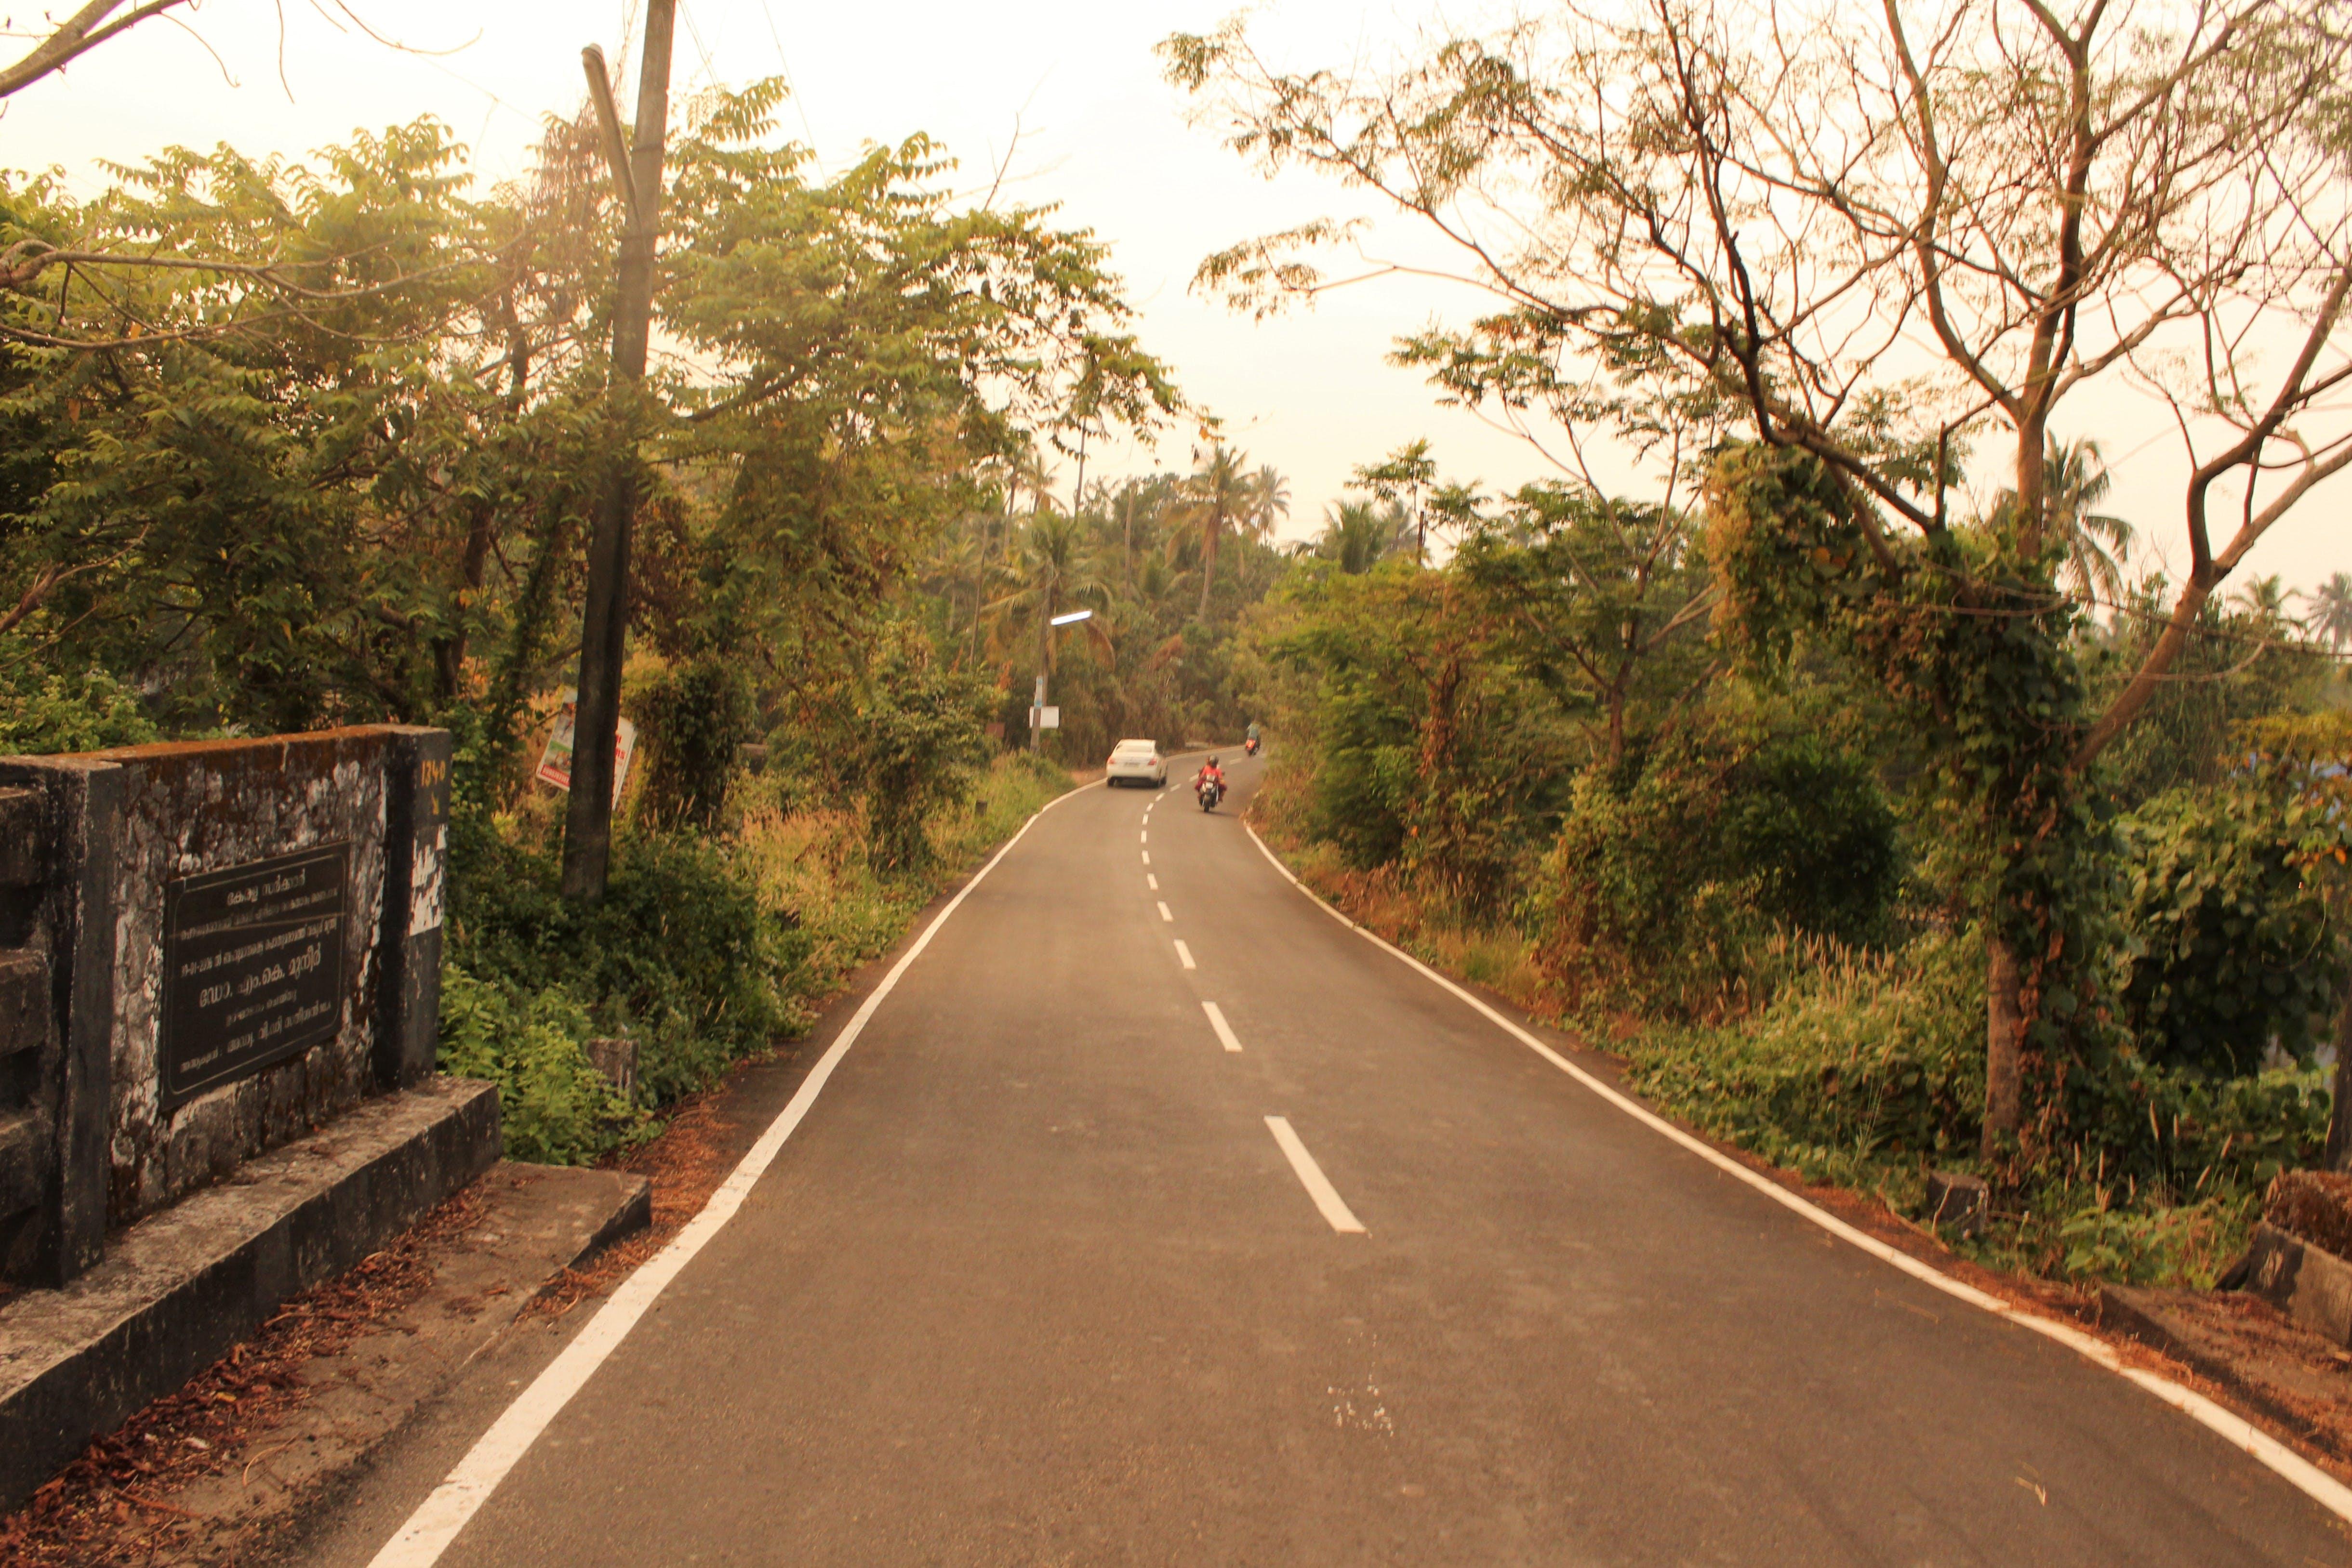 Základová fotografie zdarma na téma cestovní ruch, rovnou silnici, vesnice, vozovka